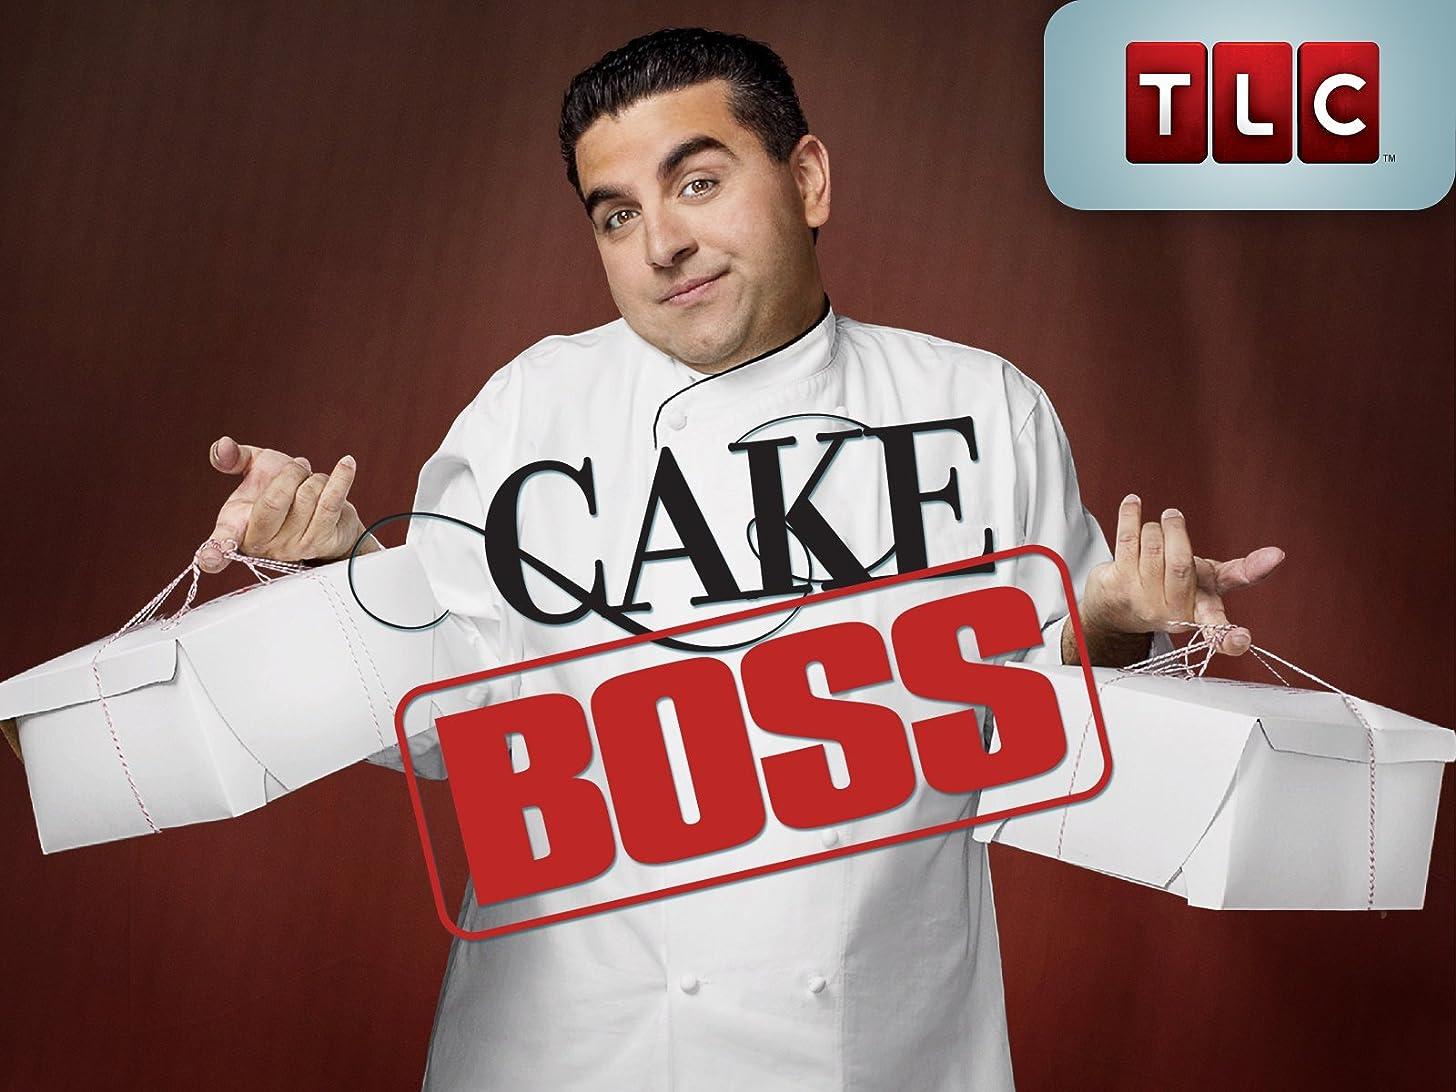 Cake Boss Season 4